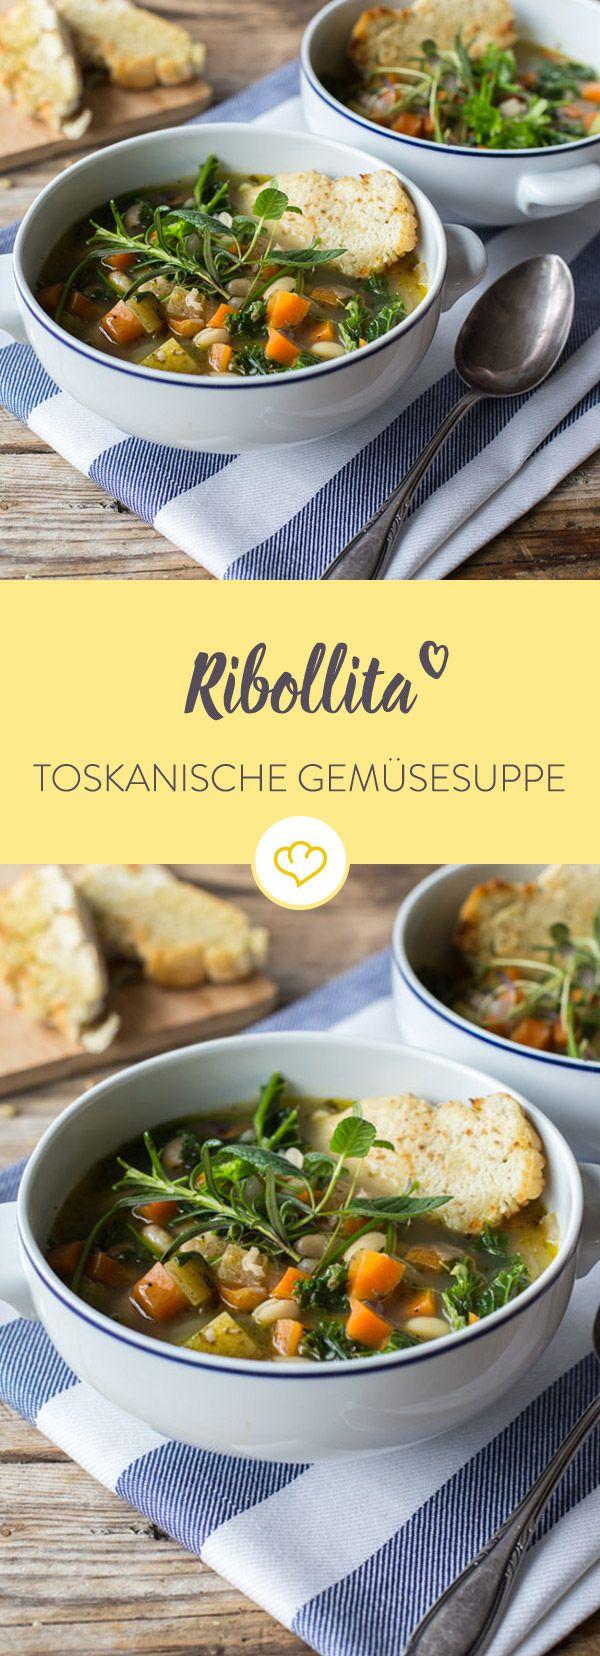 Rustikale Gemüsesuppe auf italienische Art: Pflaumentomaten, Wurzelgemüse und viele Kräuter wärmen deinen Körper und erfreuen die Geschmacksknospen